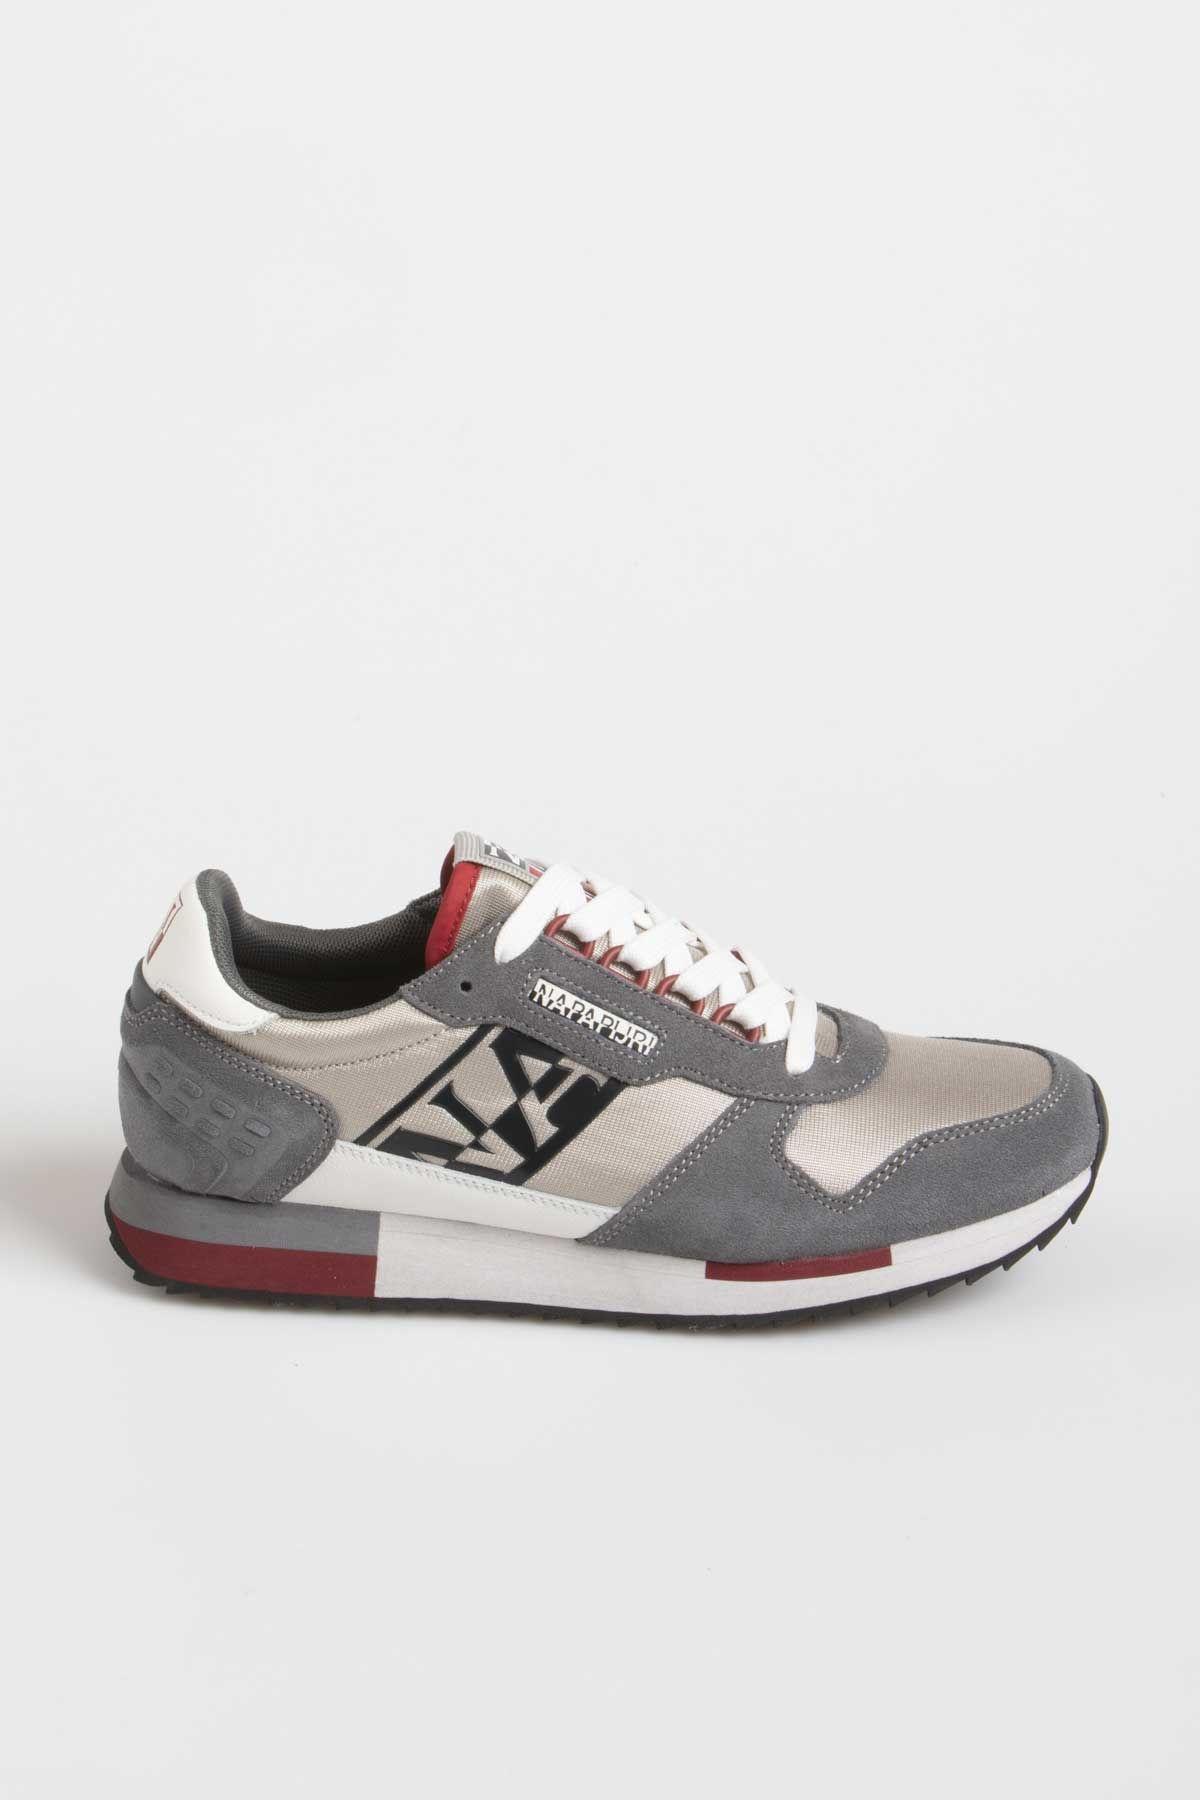 info for b0ecf e9e88 Sneakers VIRTUS per uomo NAPAPIJRI P/E 19